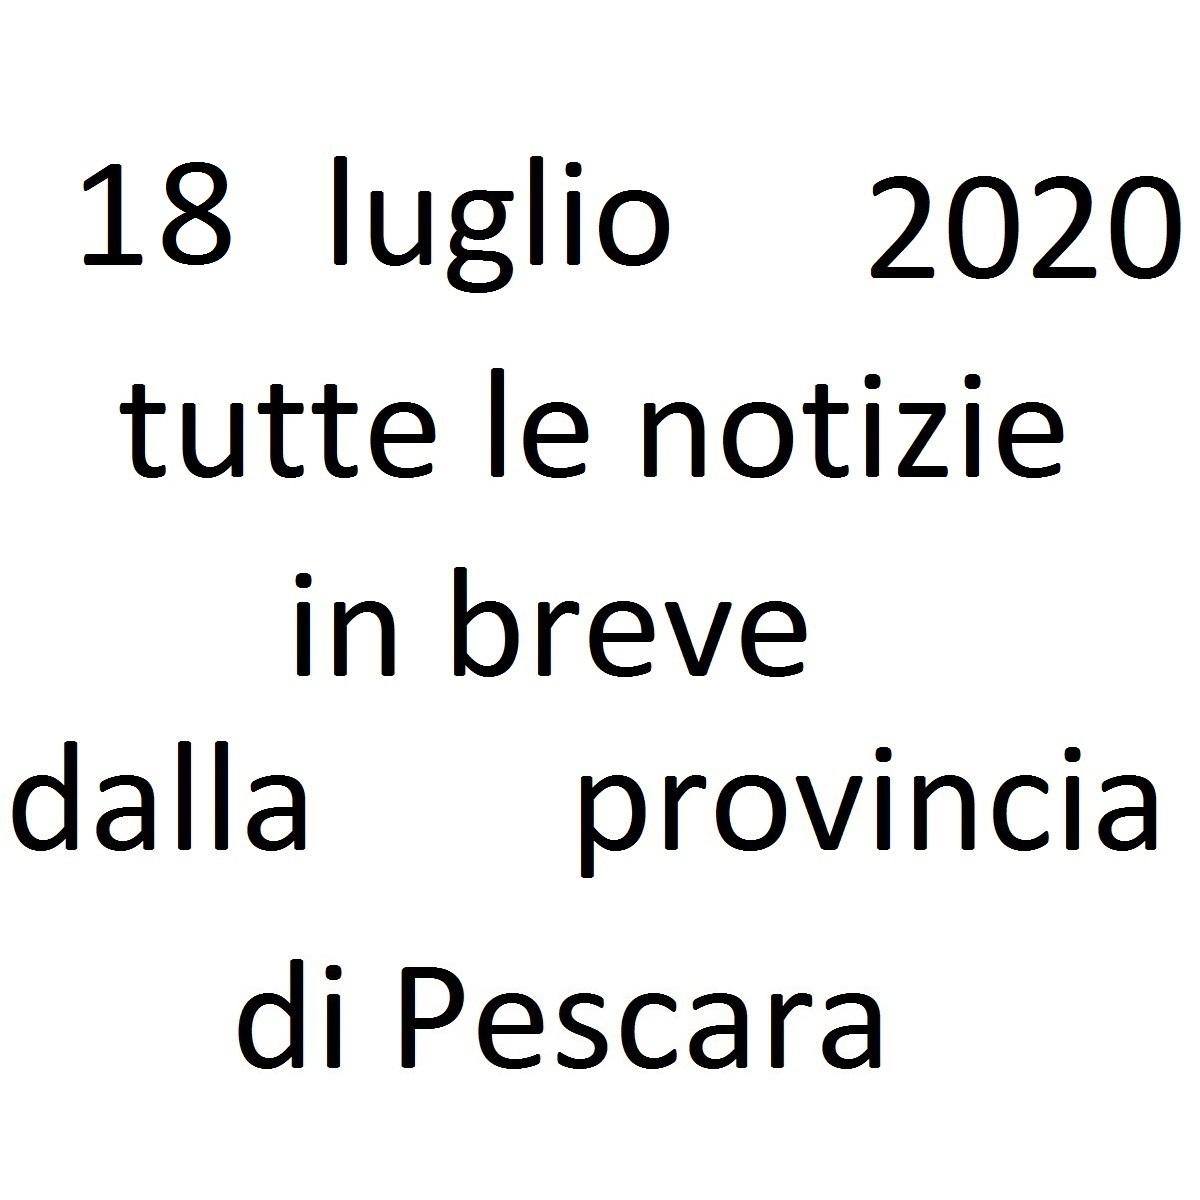 18 luglio 2020 notizie in breve dalla Provincia di Pescara foto